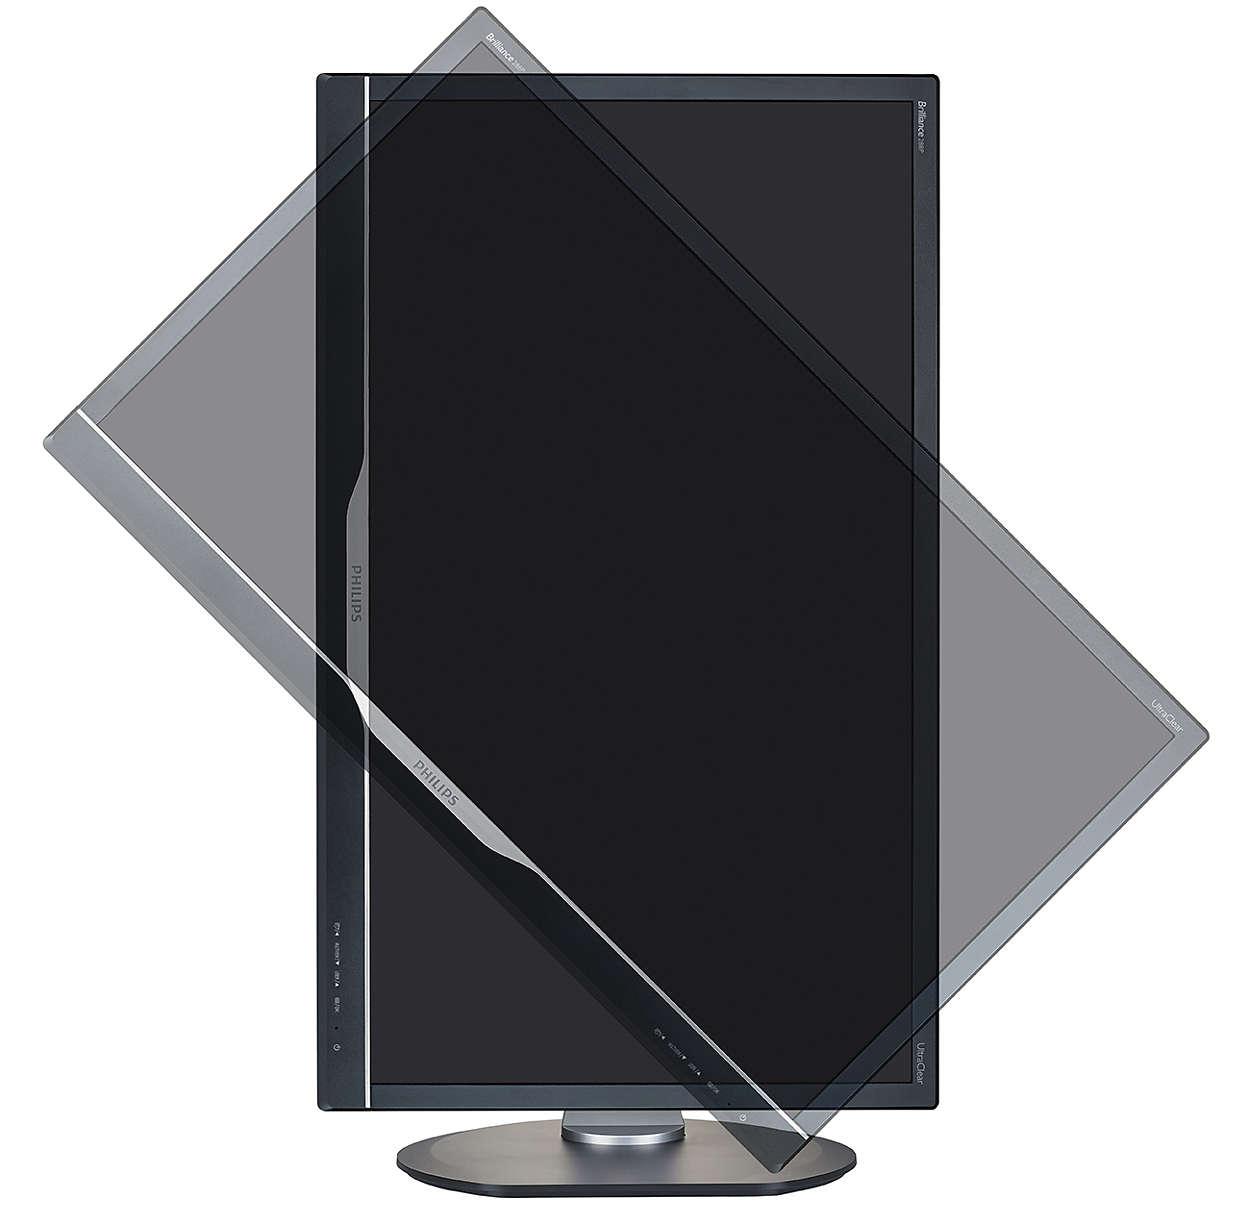 Imagem do monitor e da rotação da tela LCD